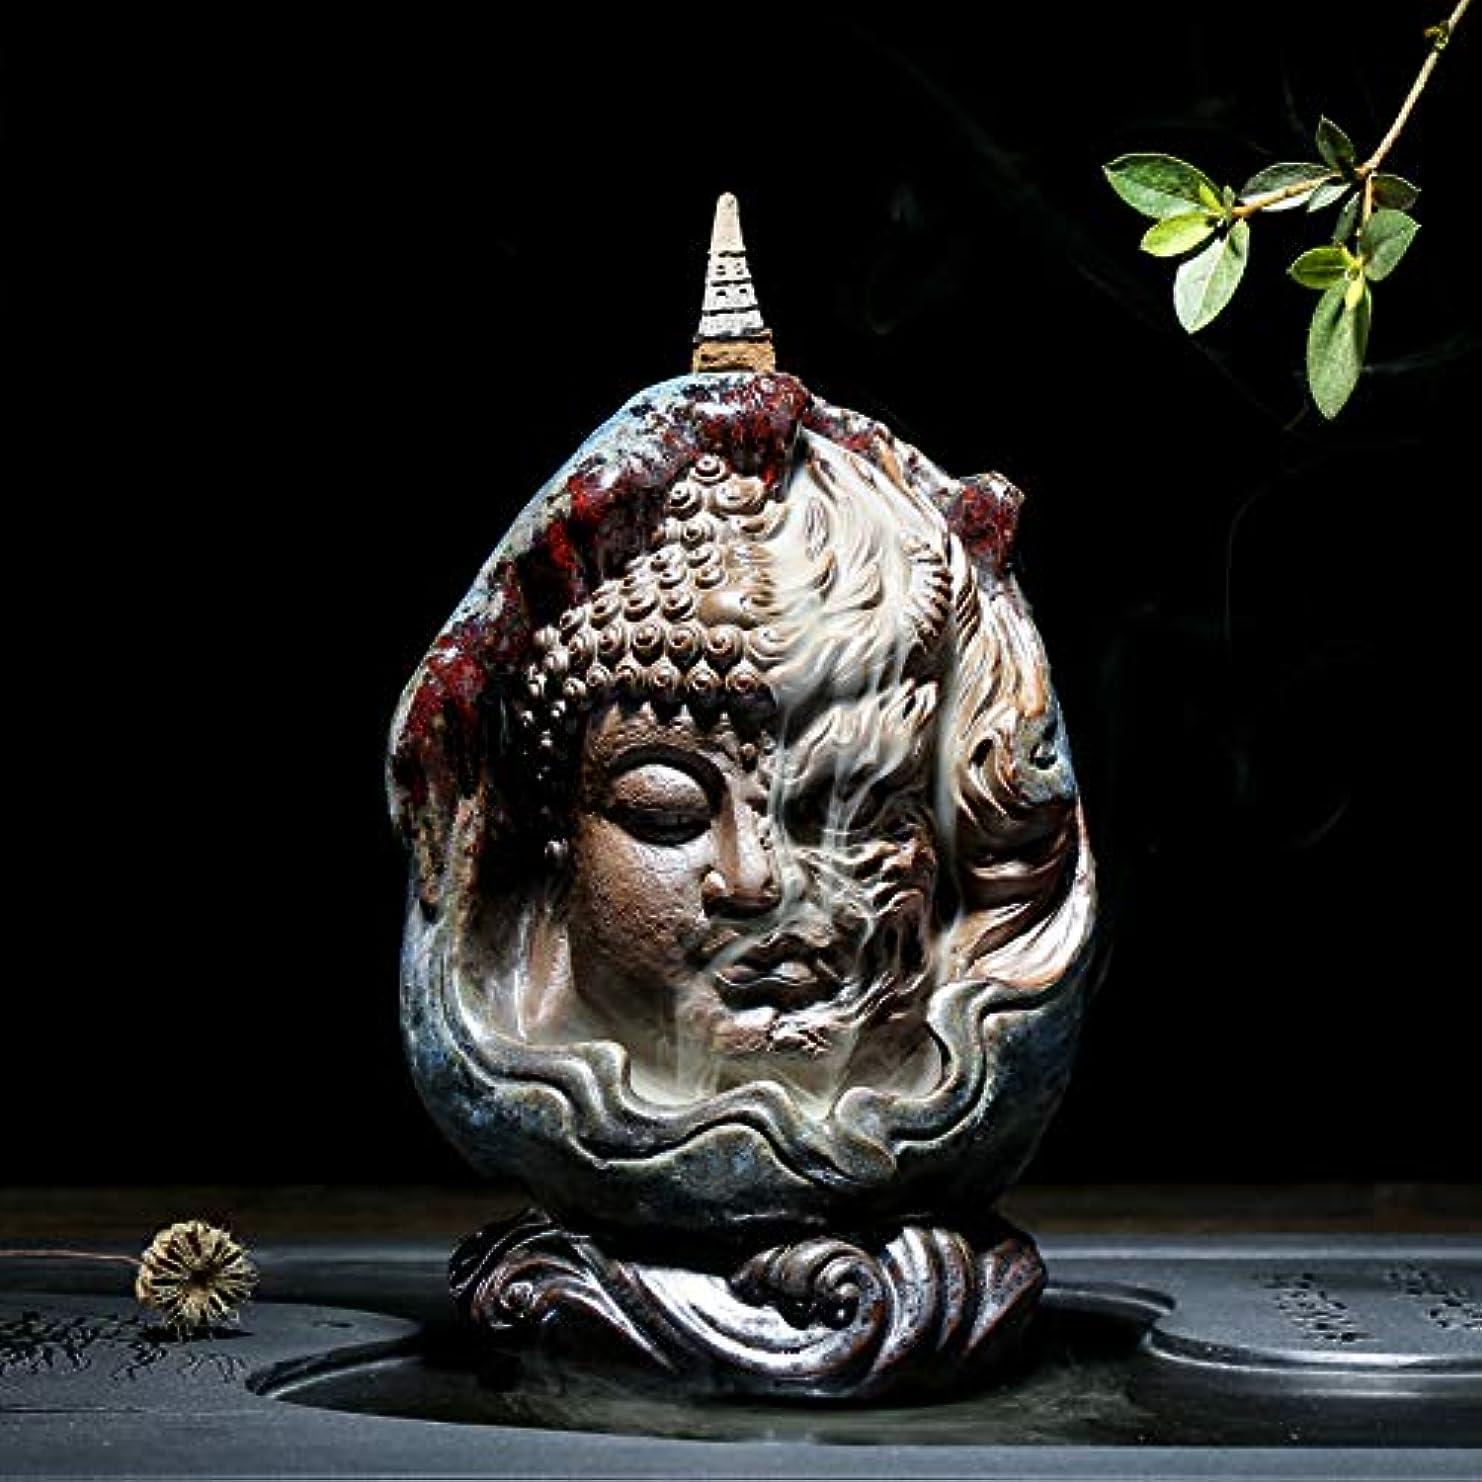 志す噛む分数PHILOGOD 陶器仏壇用香炉 ユニークなスタイリング逆流香炉 お香 ホルダー紫砂香立て (style2)